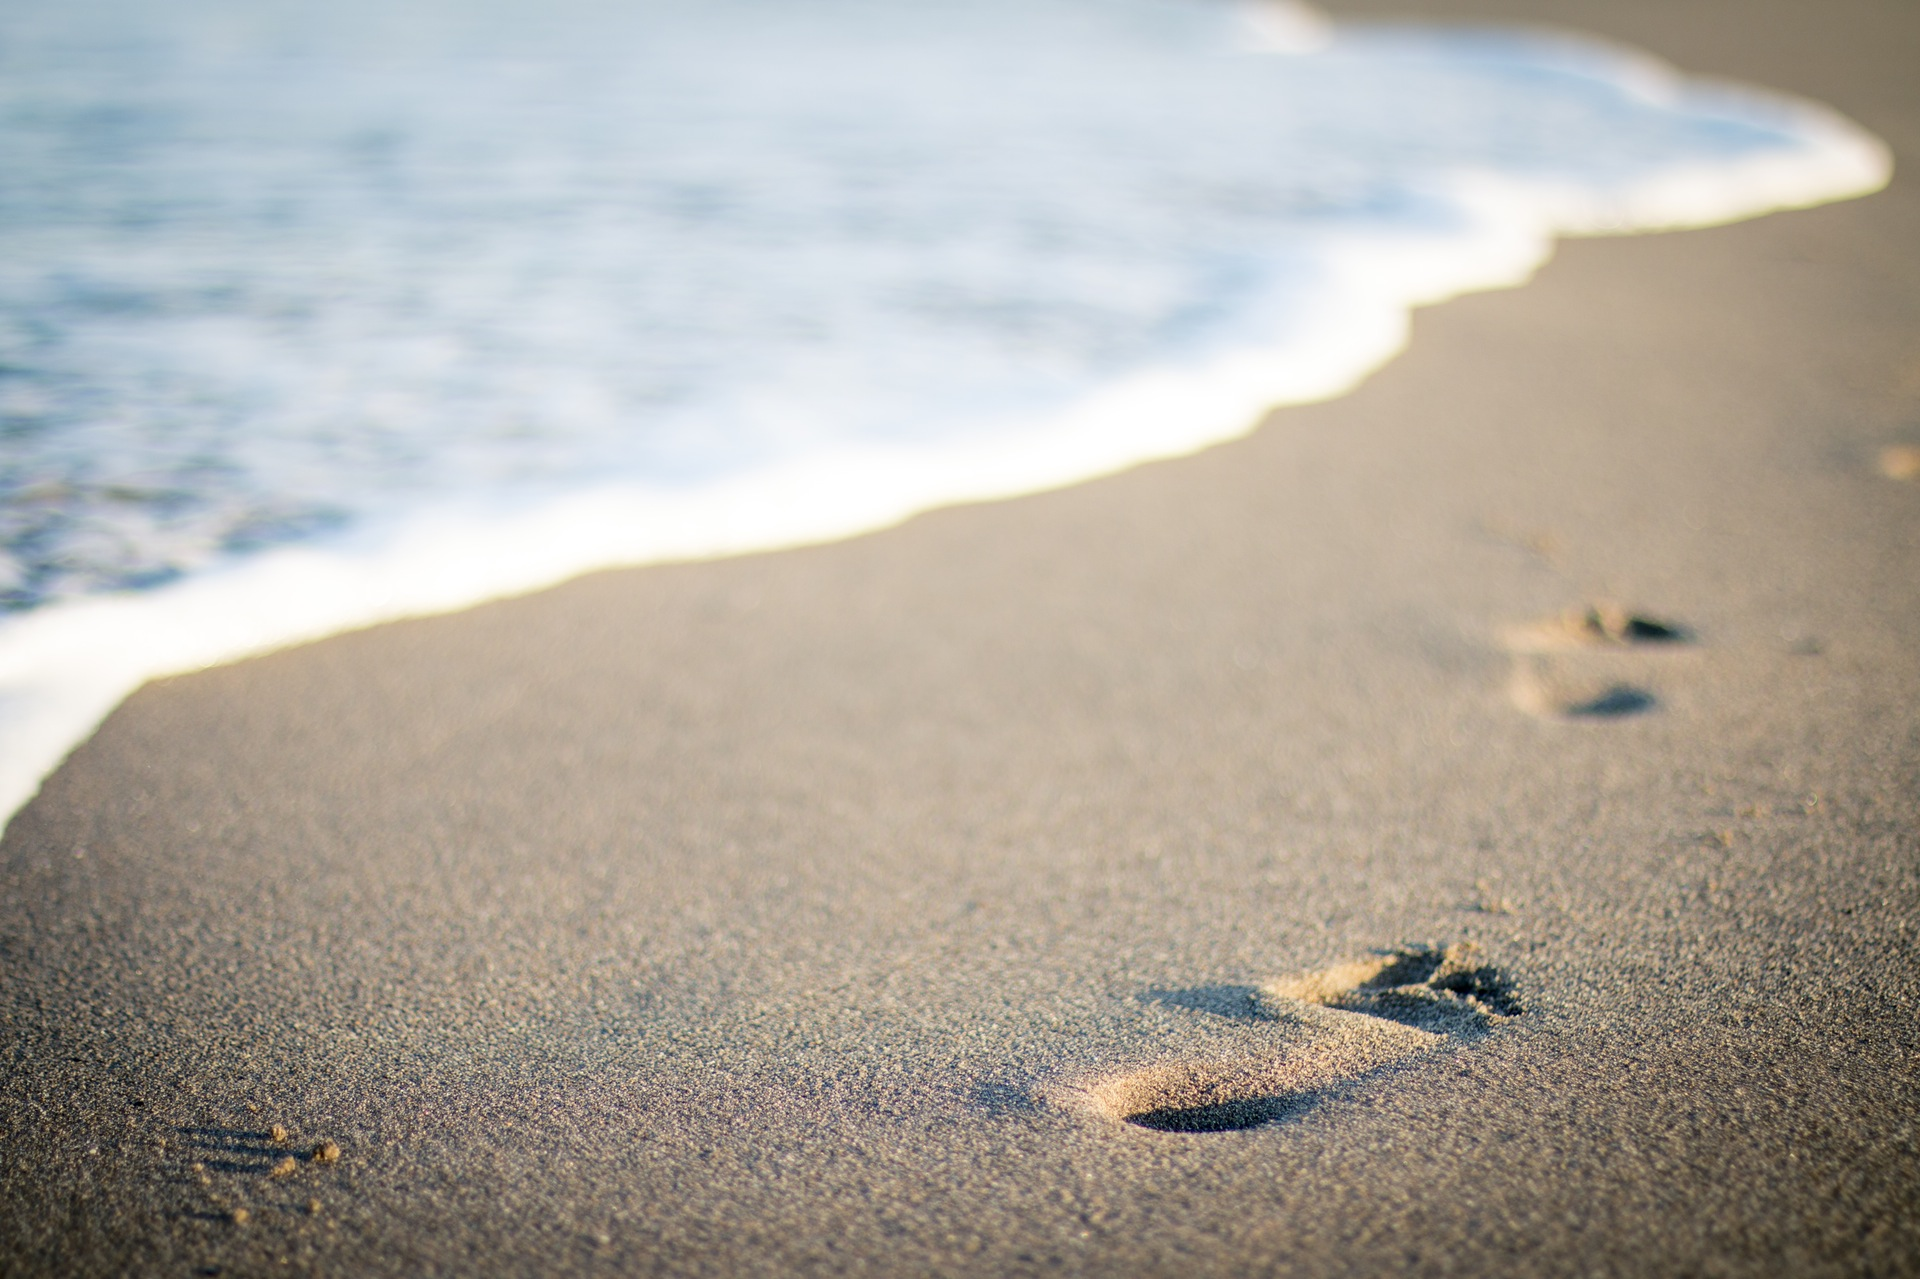 समुद्र तट, रेत, पैरों के निशान, ग्रीष्मकालीन, छुट्टी, सागर, लहरें - HD वॉलपेपर - प्रोफेसर-falken.com